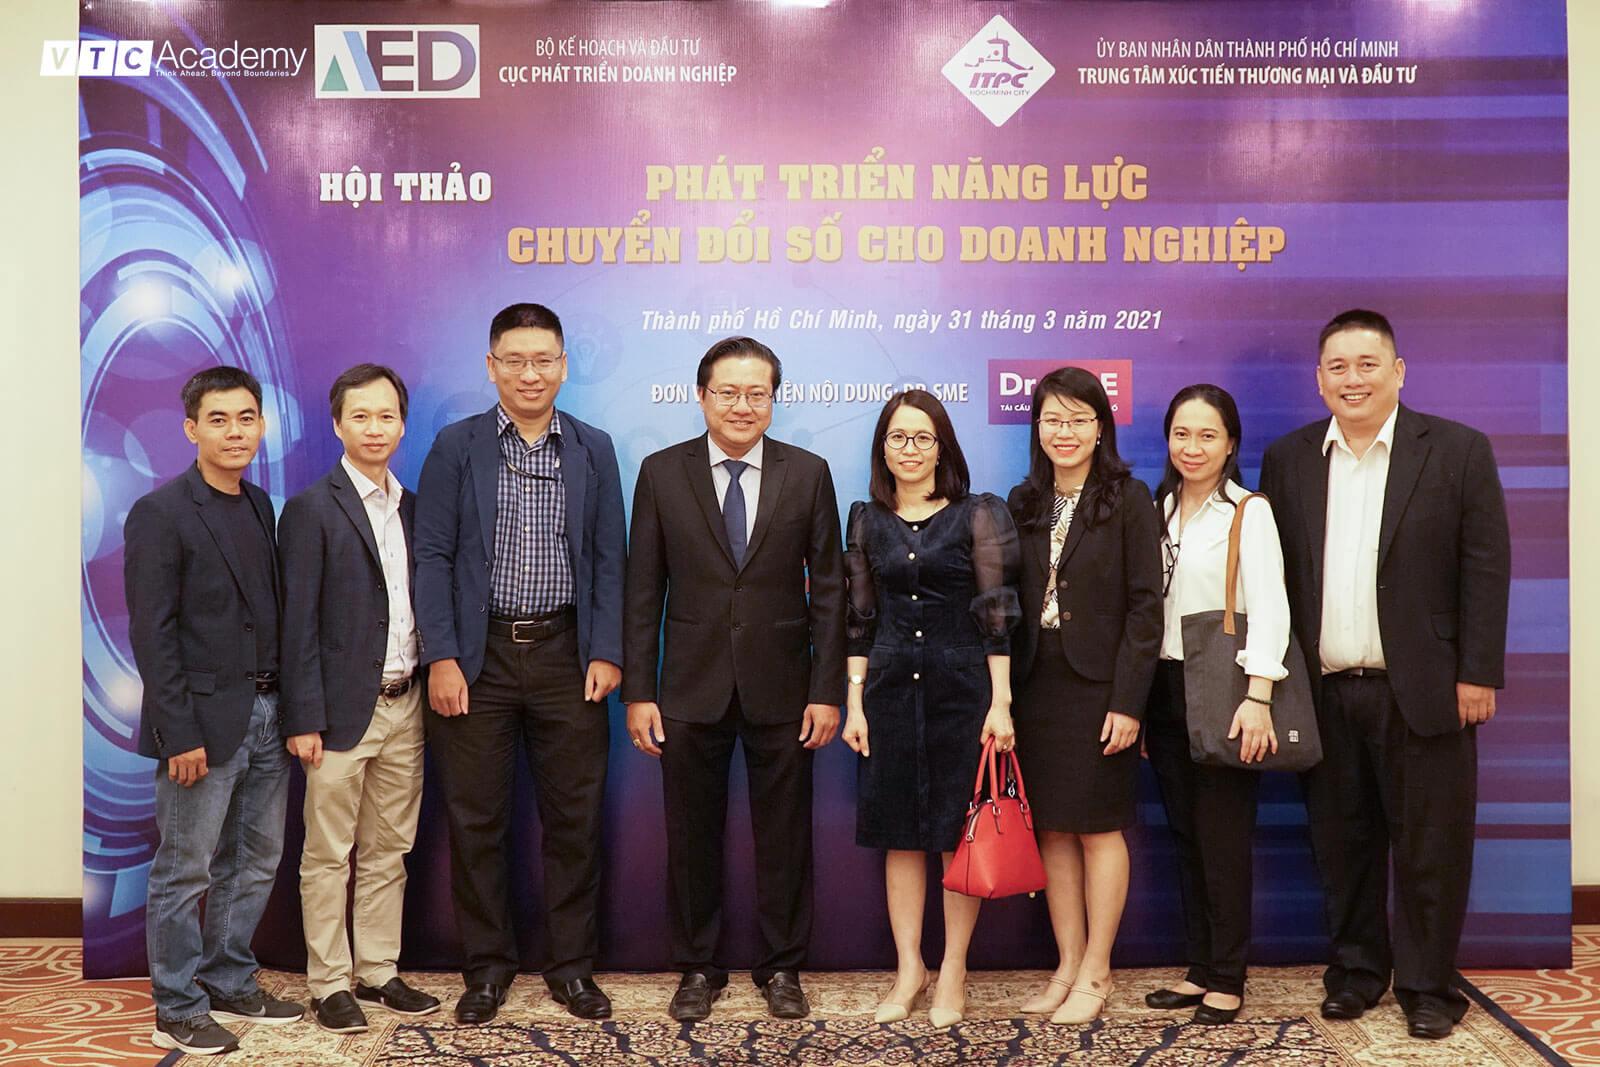 """VTC Academy tham dự hội thảo """"Phát triển năng lực chuyển đổi số cho doanh nghiệp"""""""